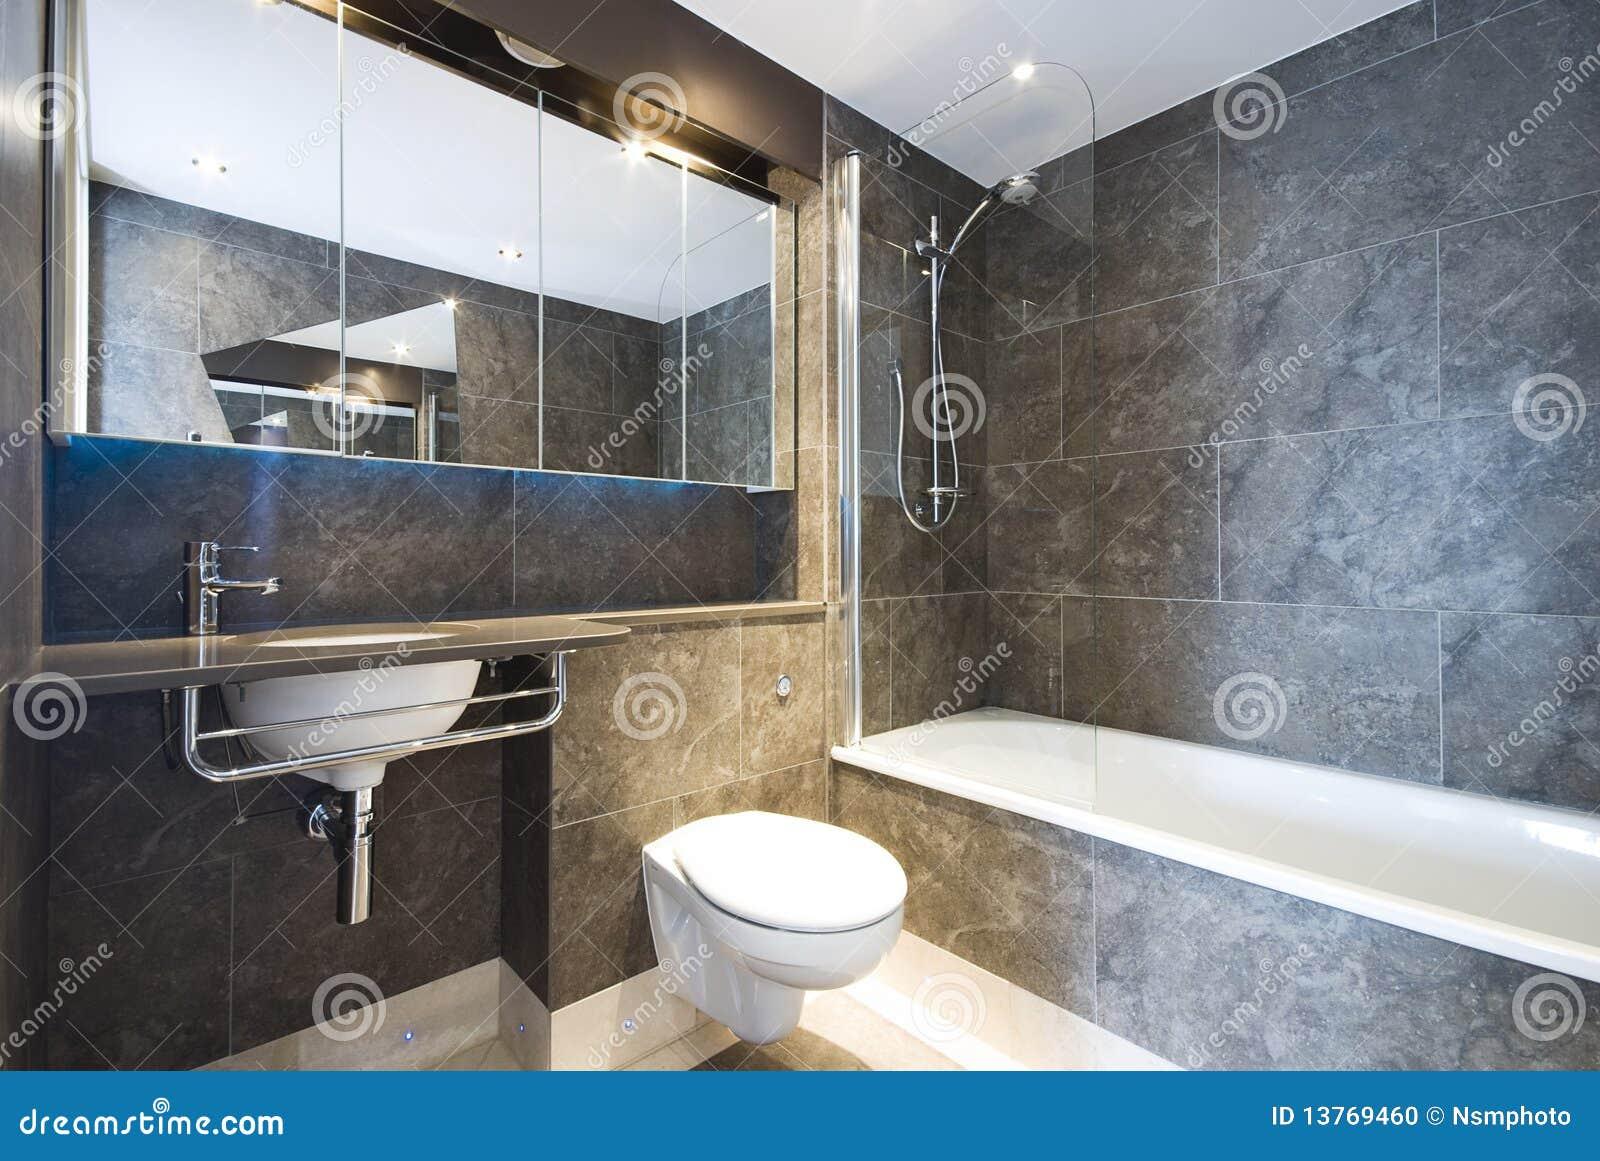 Cuarto de baño de mármol moderno con la tina de baño grande